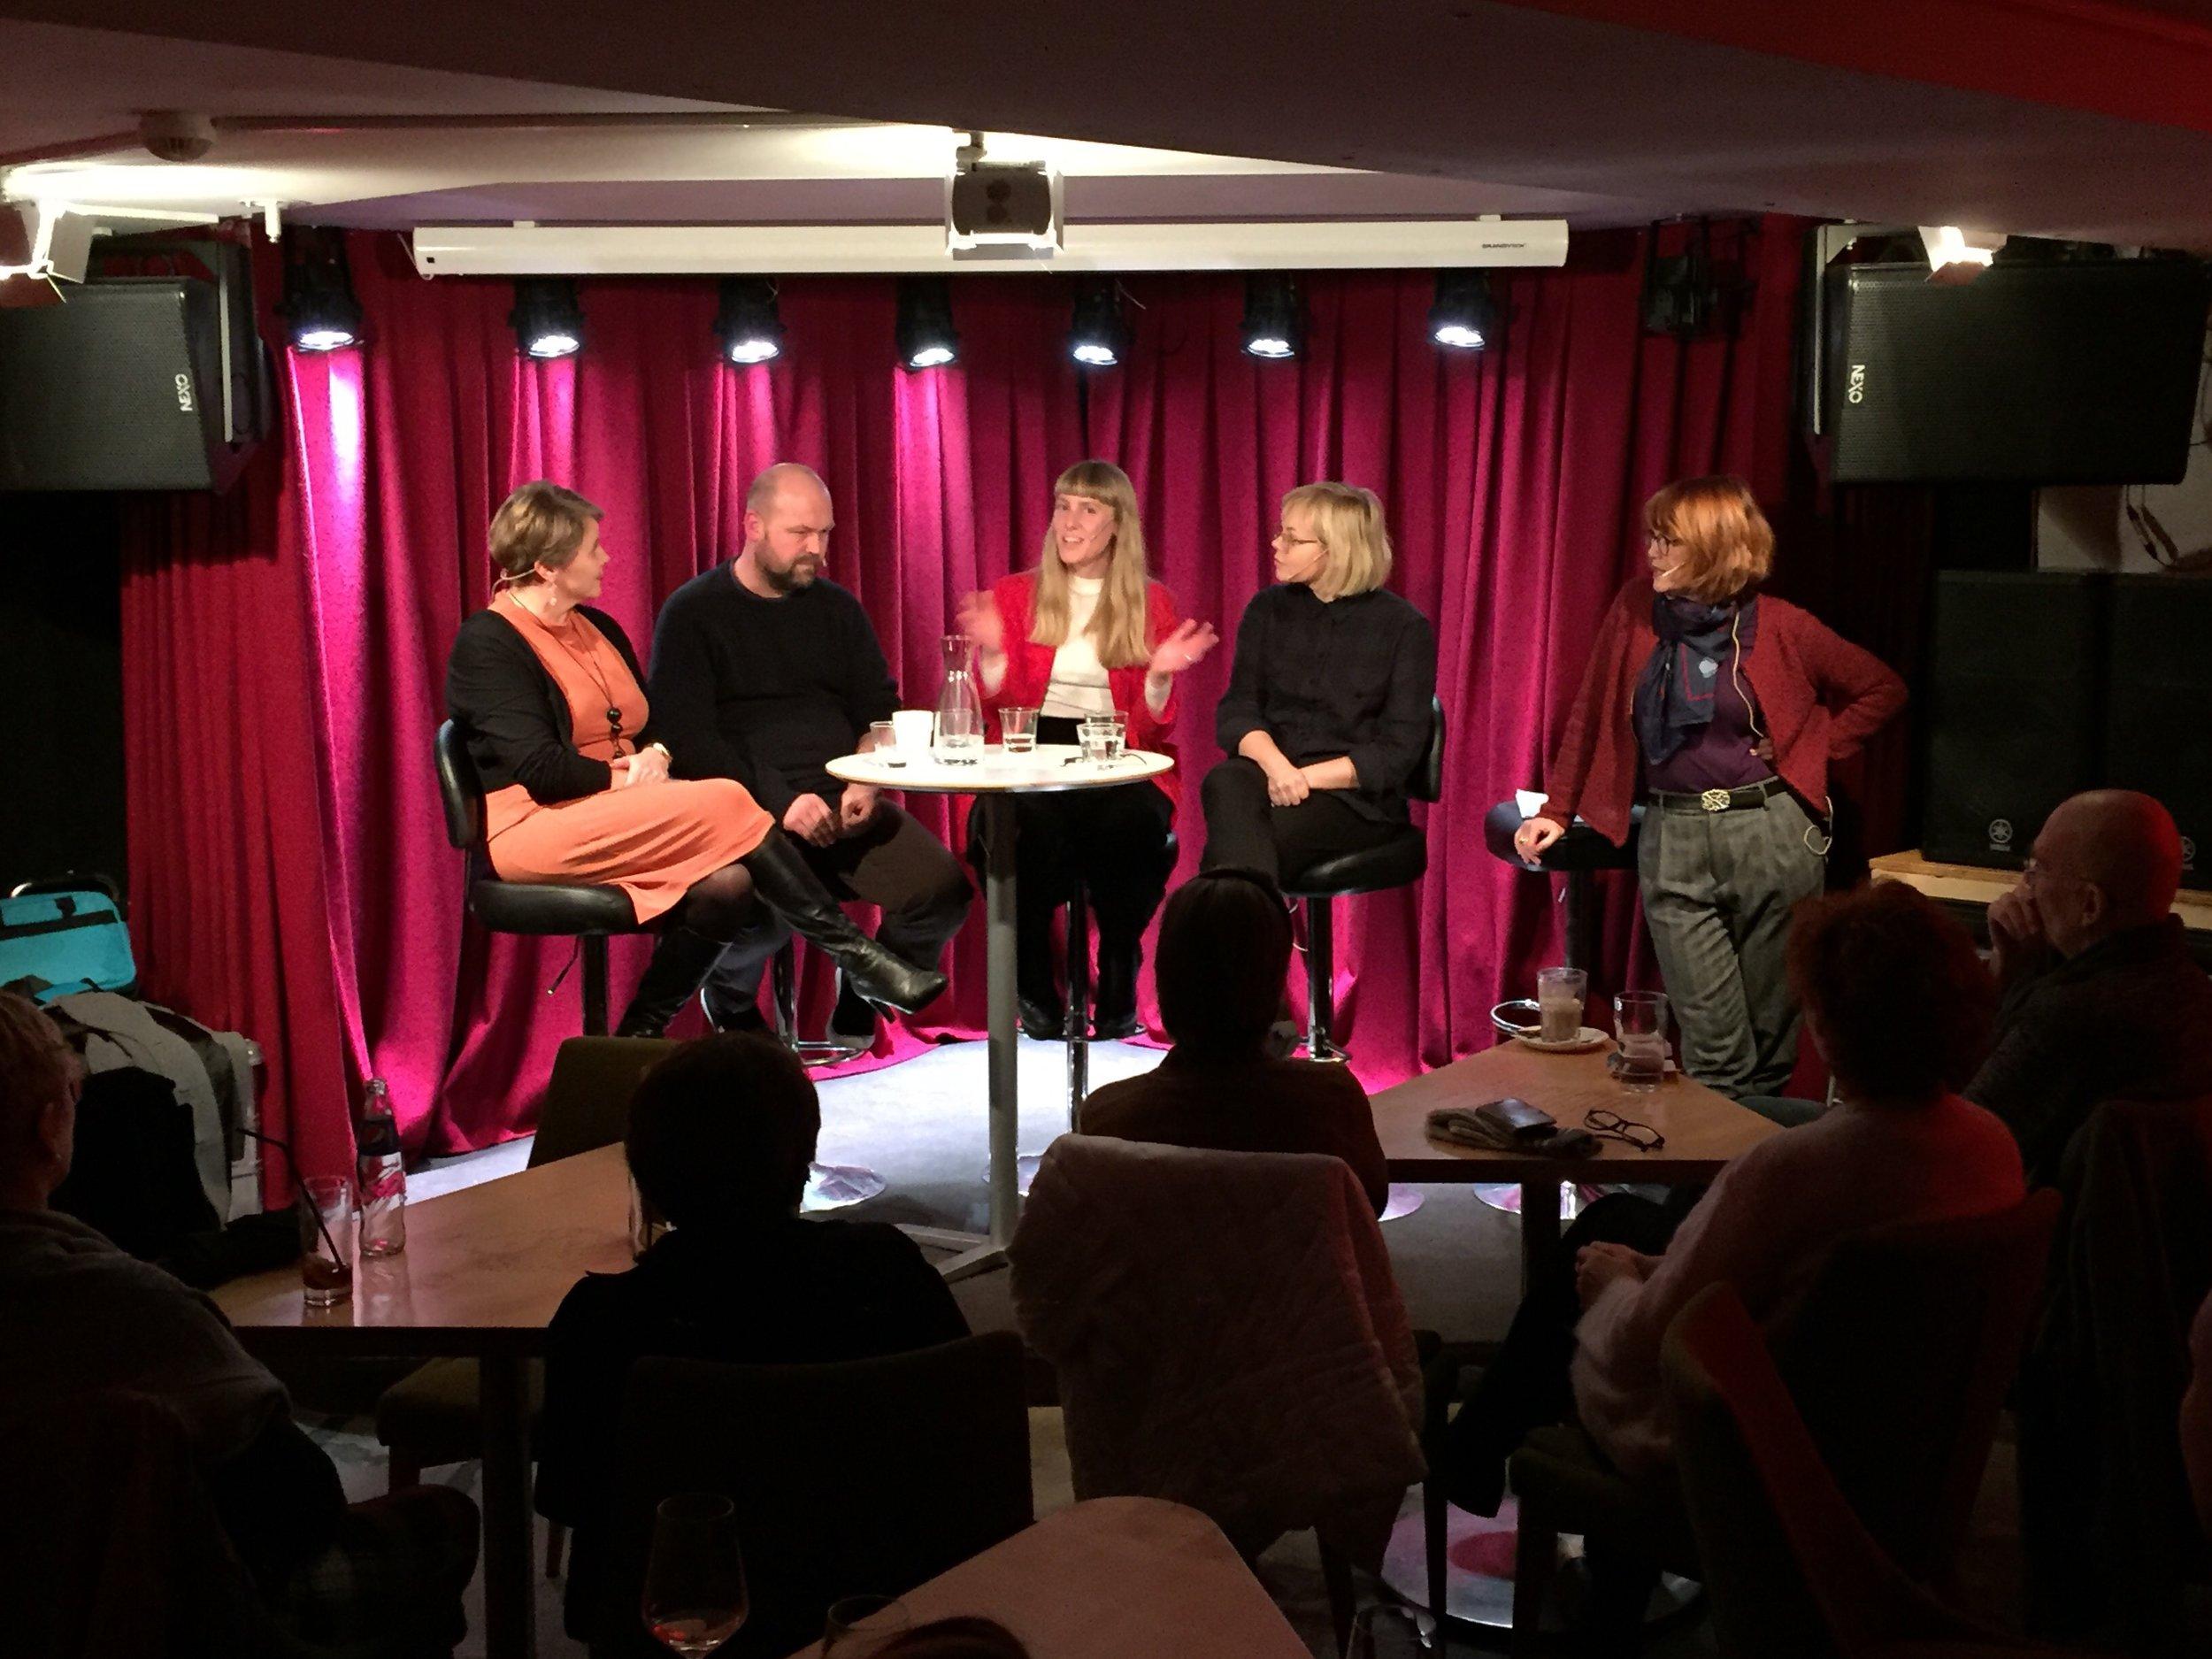 Fra venstre Brita Strand Rangnes, Institutt for kultur- og språkvitenskap, UiS, Carl Jørn Johansen, dramaturg, Eline Arbo, instruktør og Sigrid Strøm Reibo, instruktør. Til høyre debattleder Kristin Aalen.